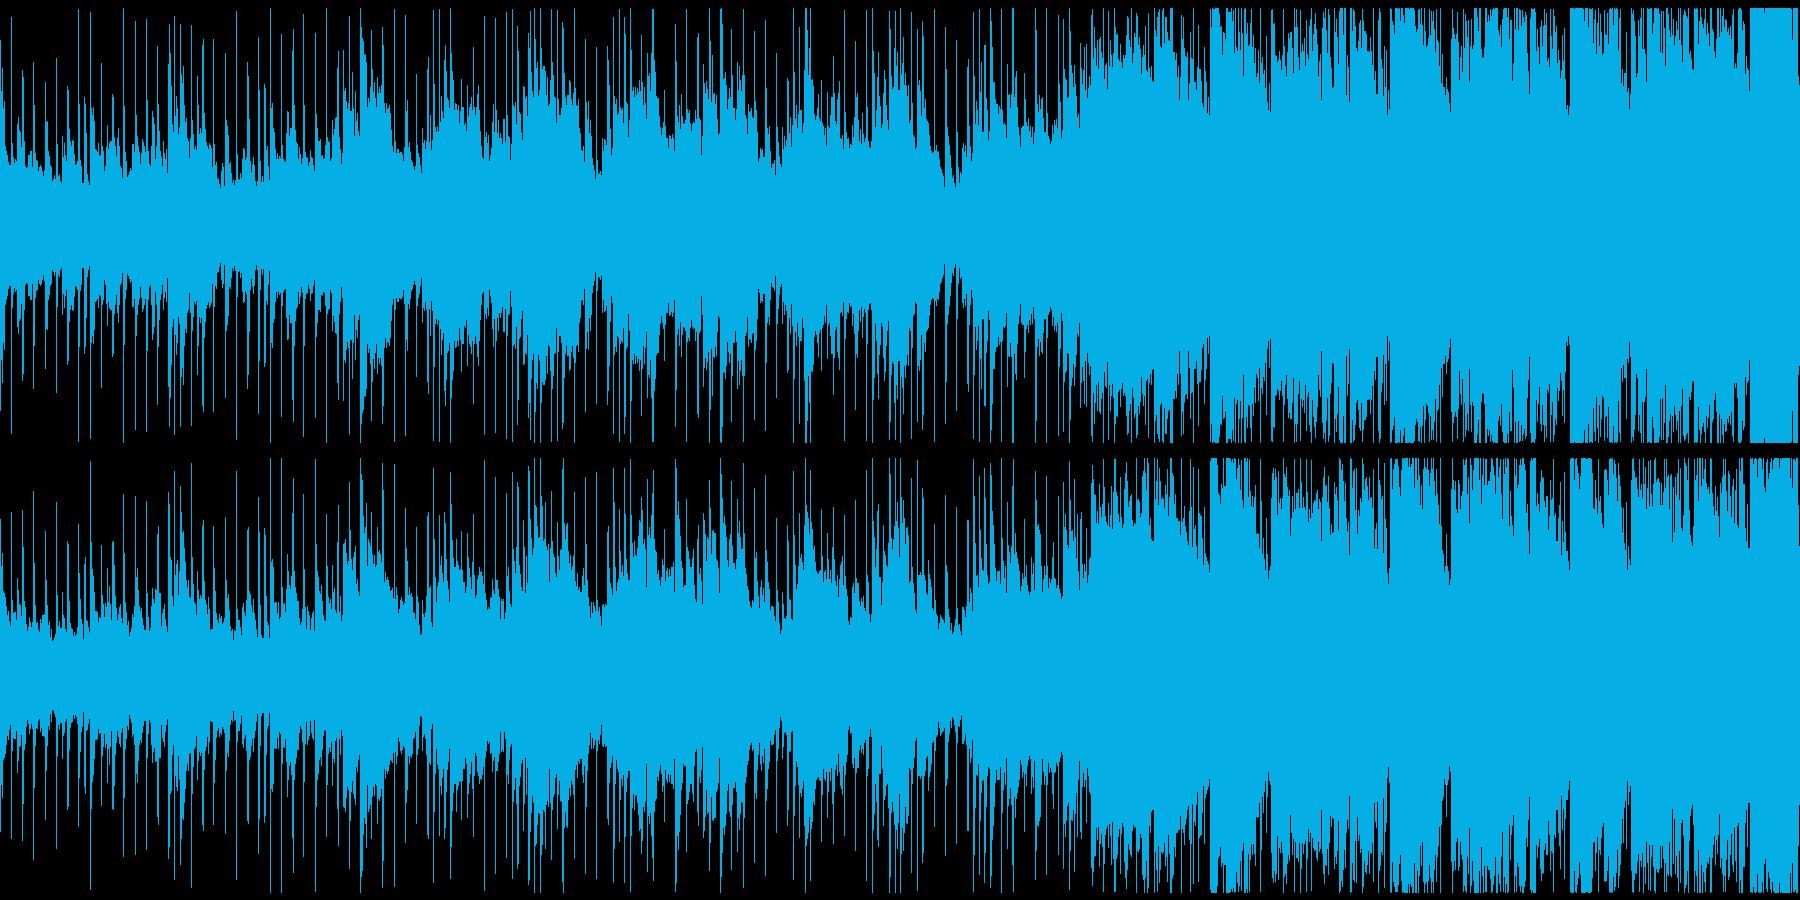 メニュー画面、企業紹介等ポップBGMの再生済みの波形